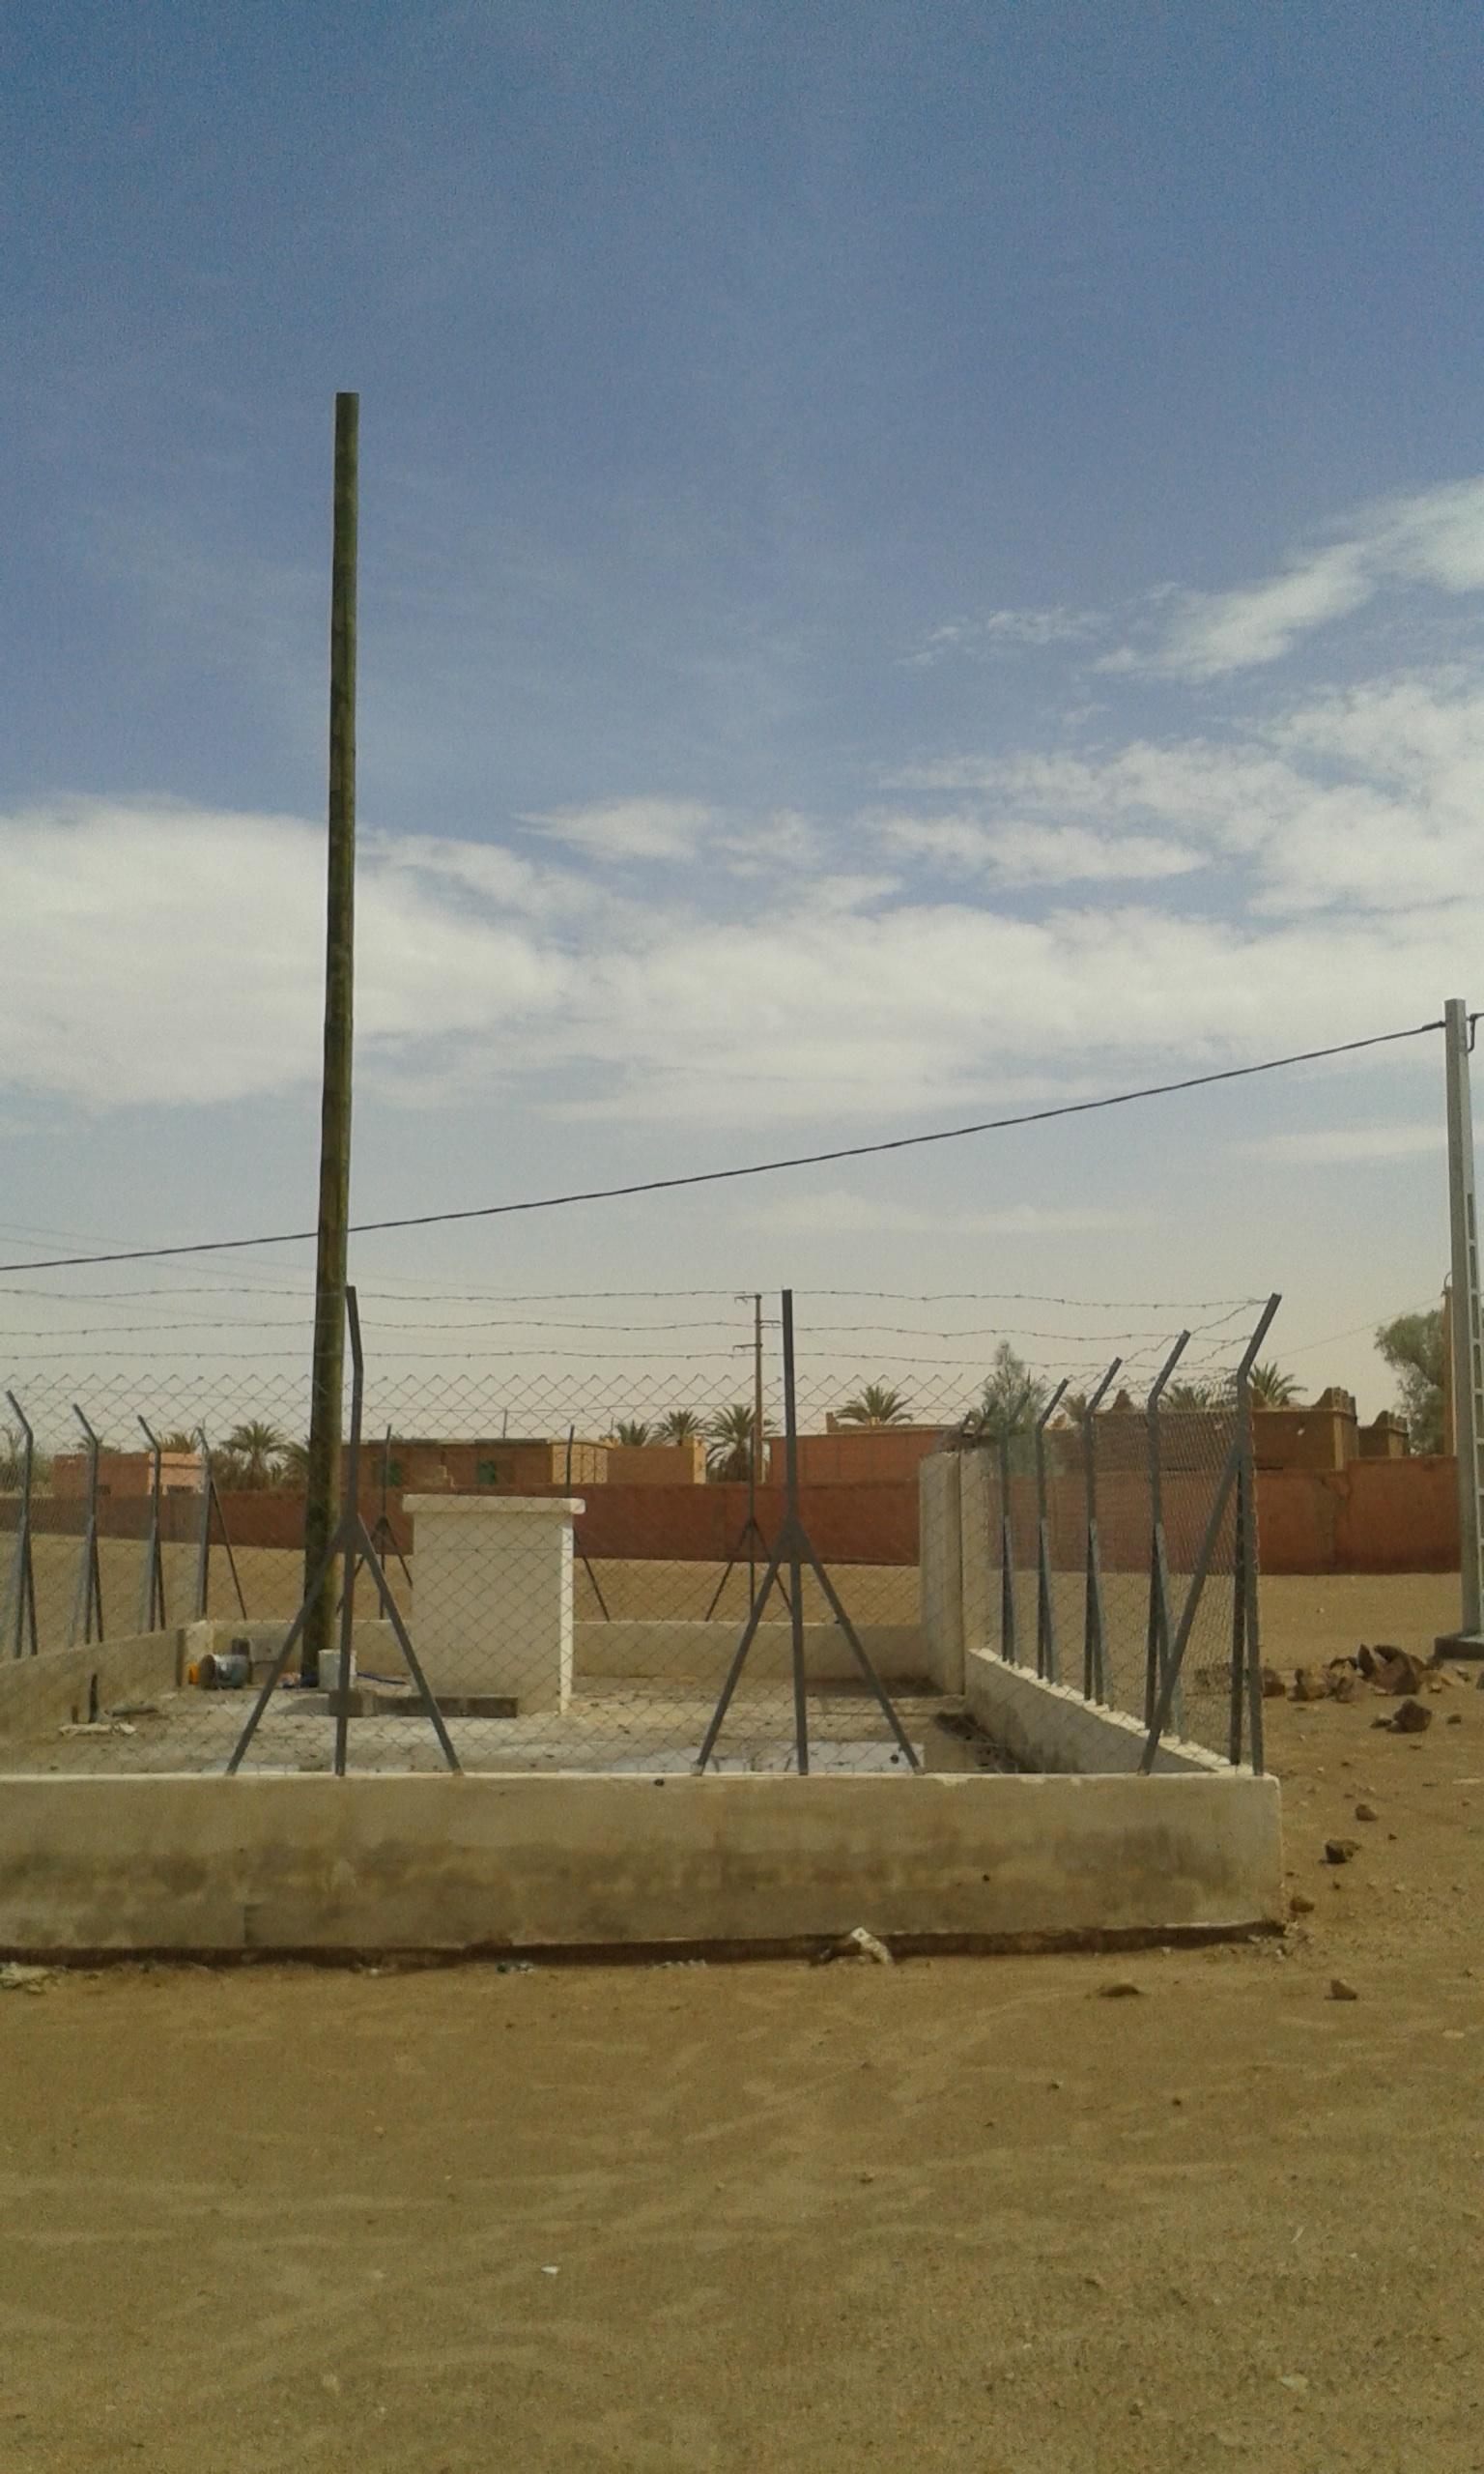 متى ستجهز اتصالات المغرب محطة التقوية بالركابي بامحاميد الغزلان بالمعدات اللازمة